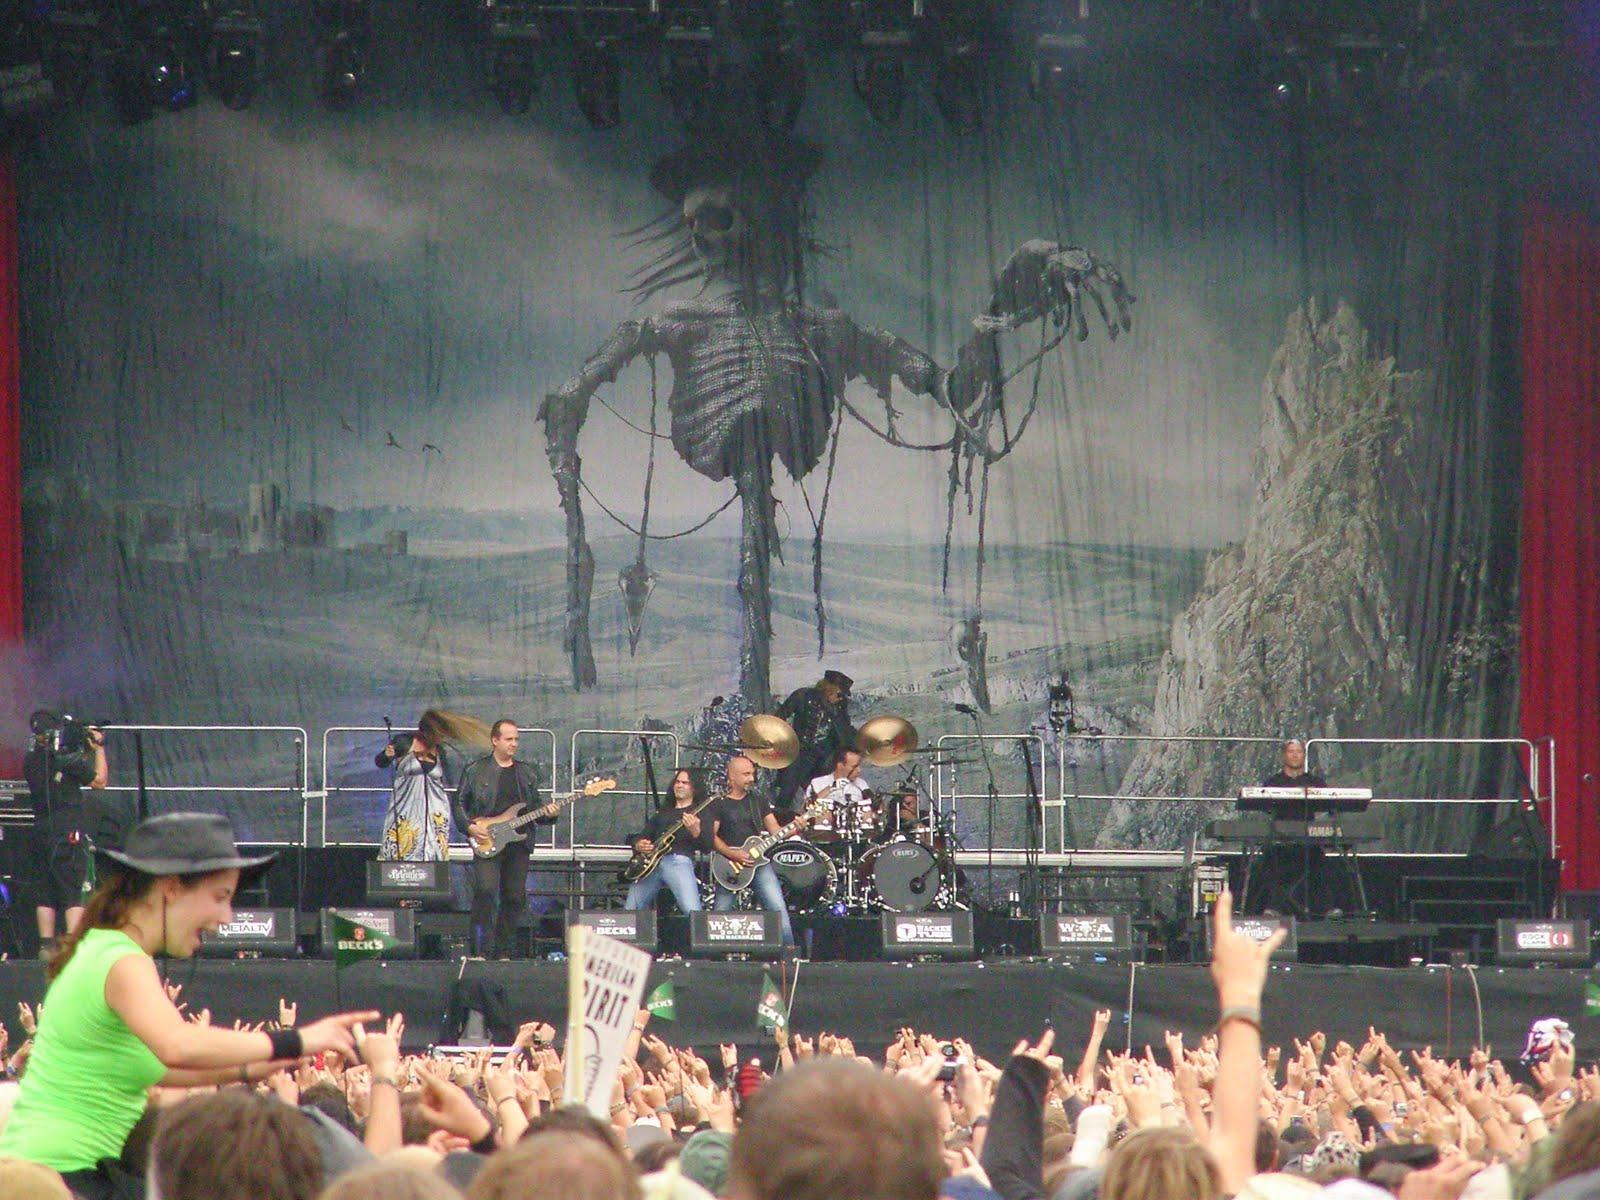 mikeyt.me: Wacken Open Air 2011 - A Review